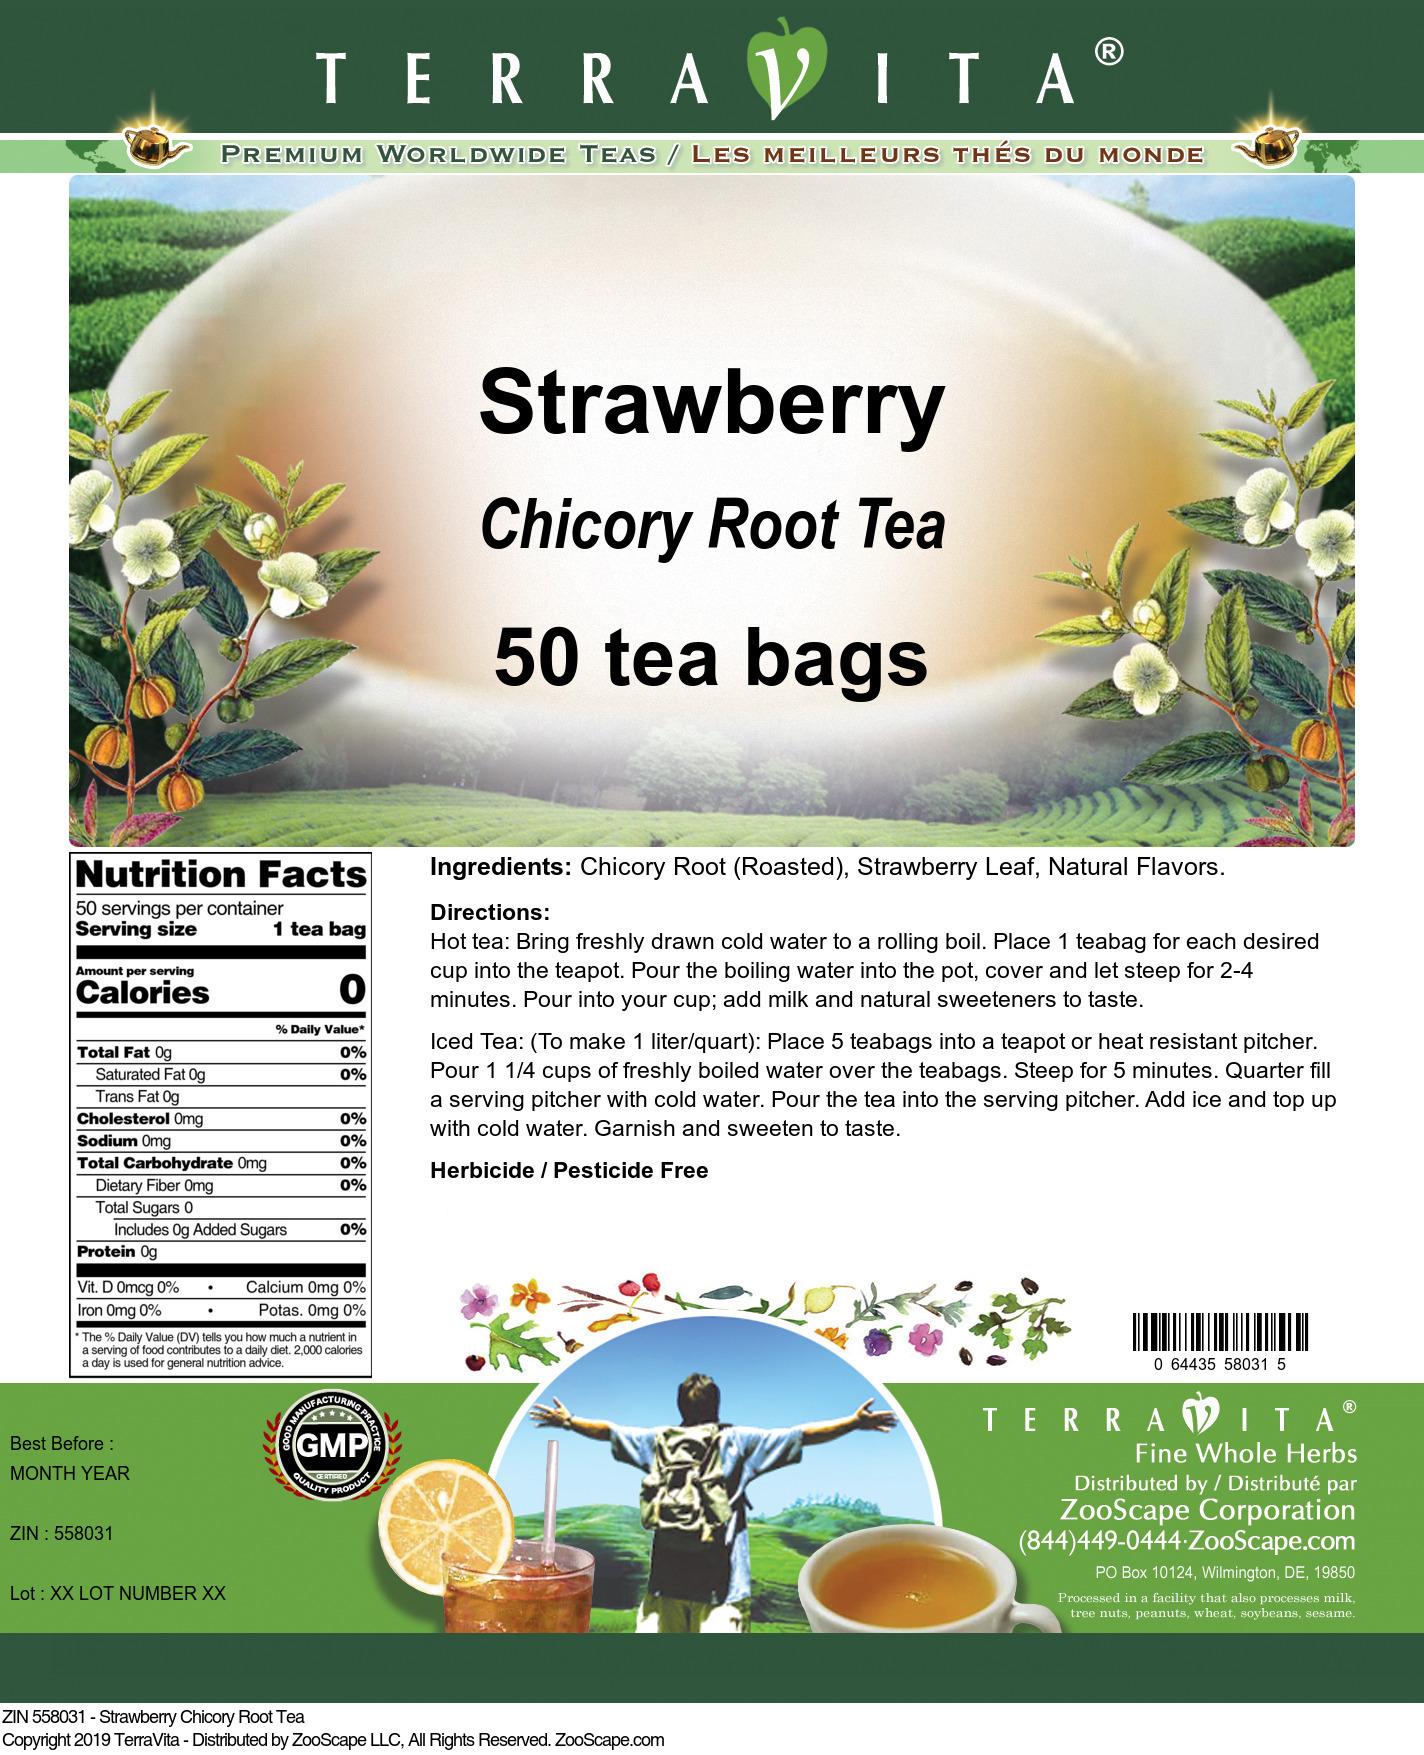 Strawberry Chicory Root